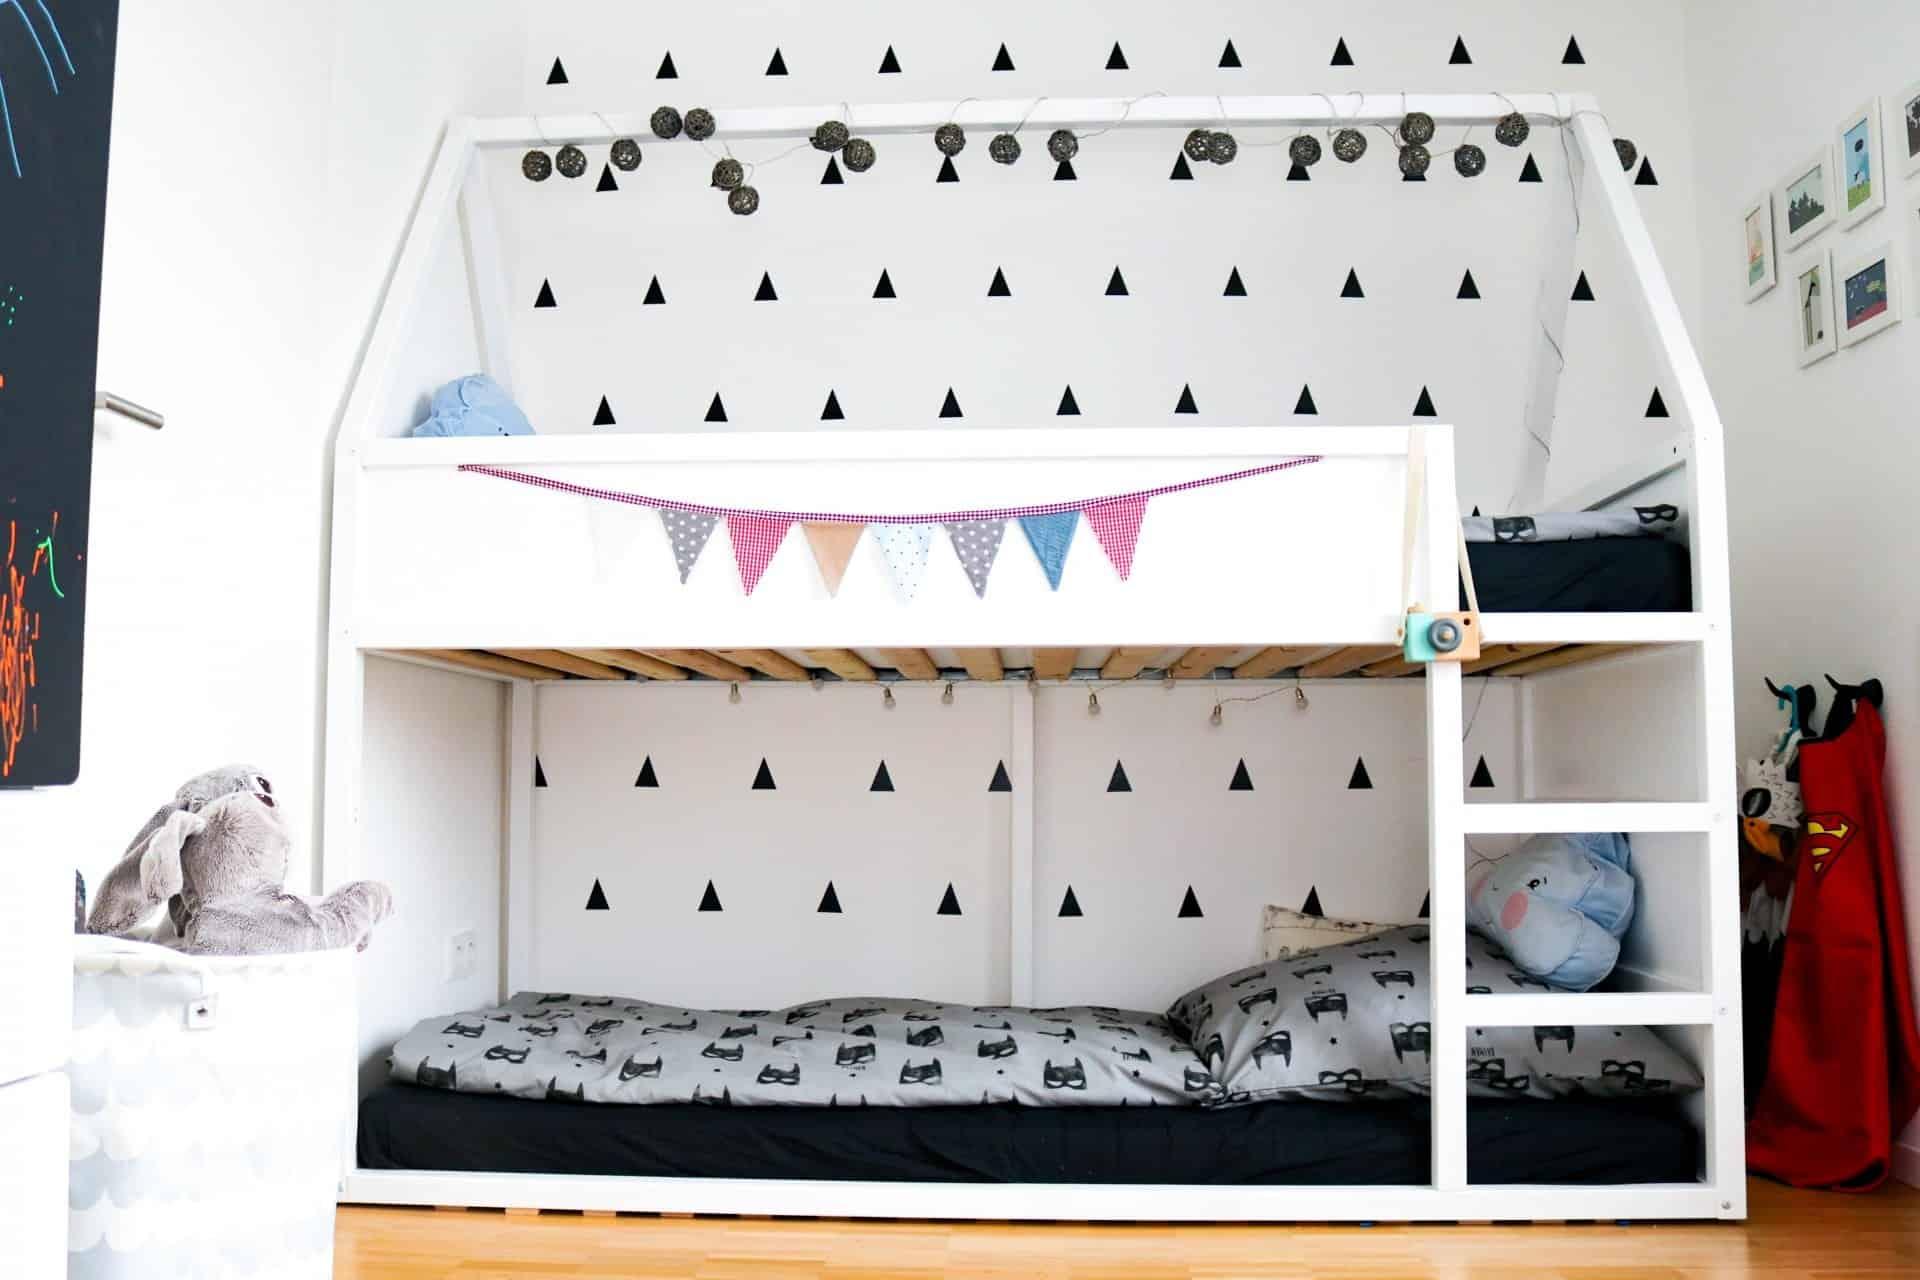 Haus hochbett bauanleitung ikea hack und ein paar tolle ideen f r 39 s kinderzimmer textilsucht - Tolle kinderzimmer ideen ...